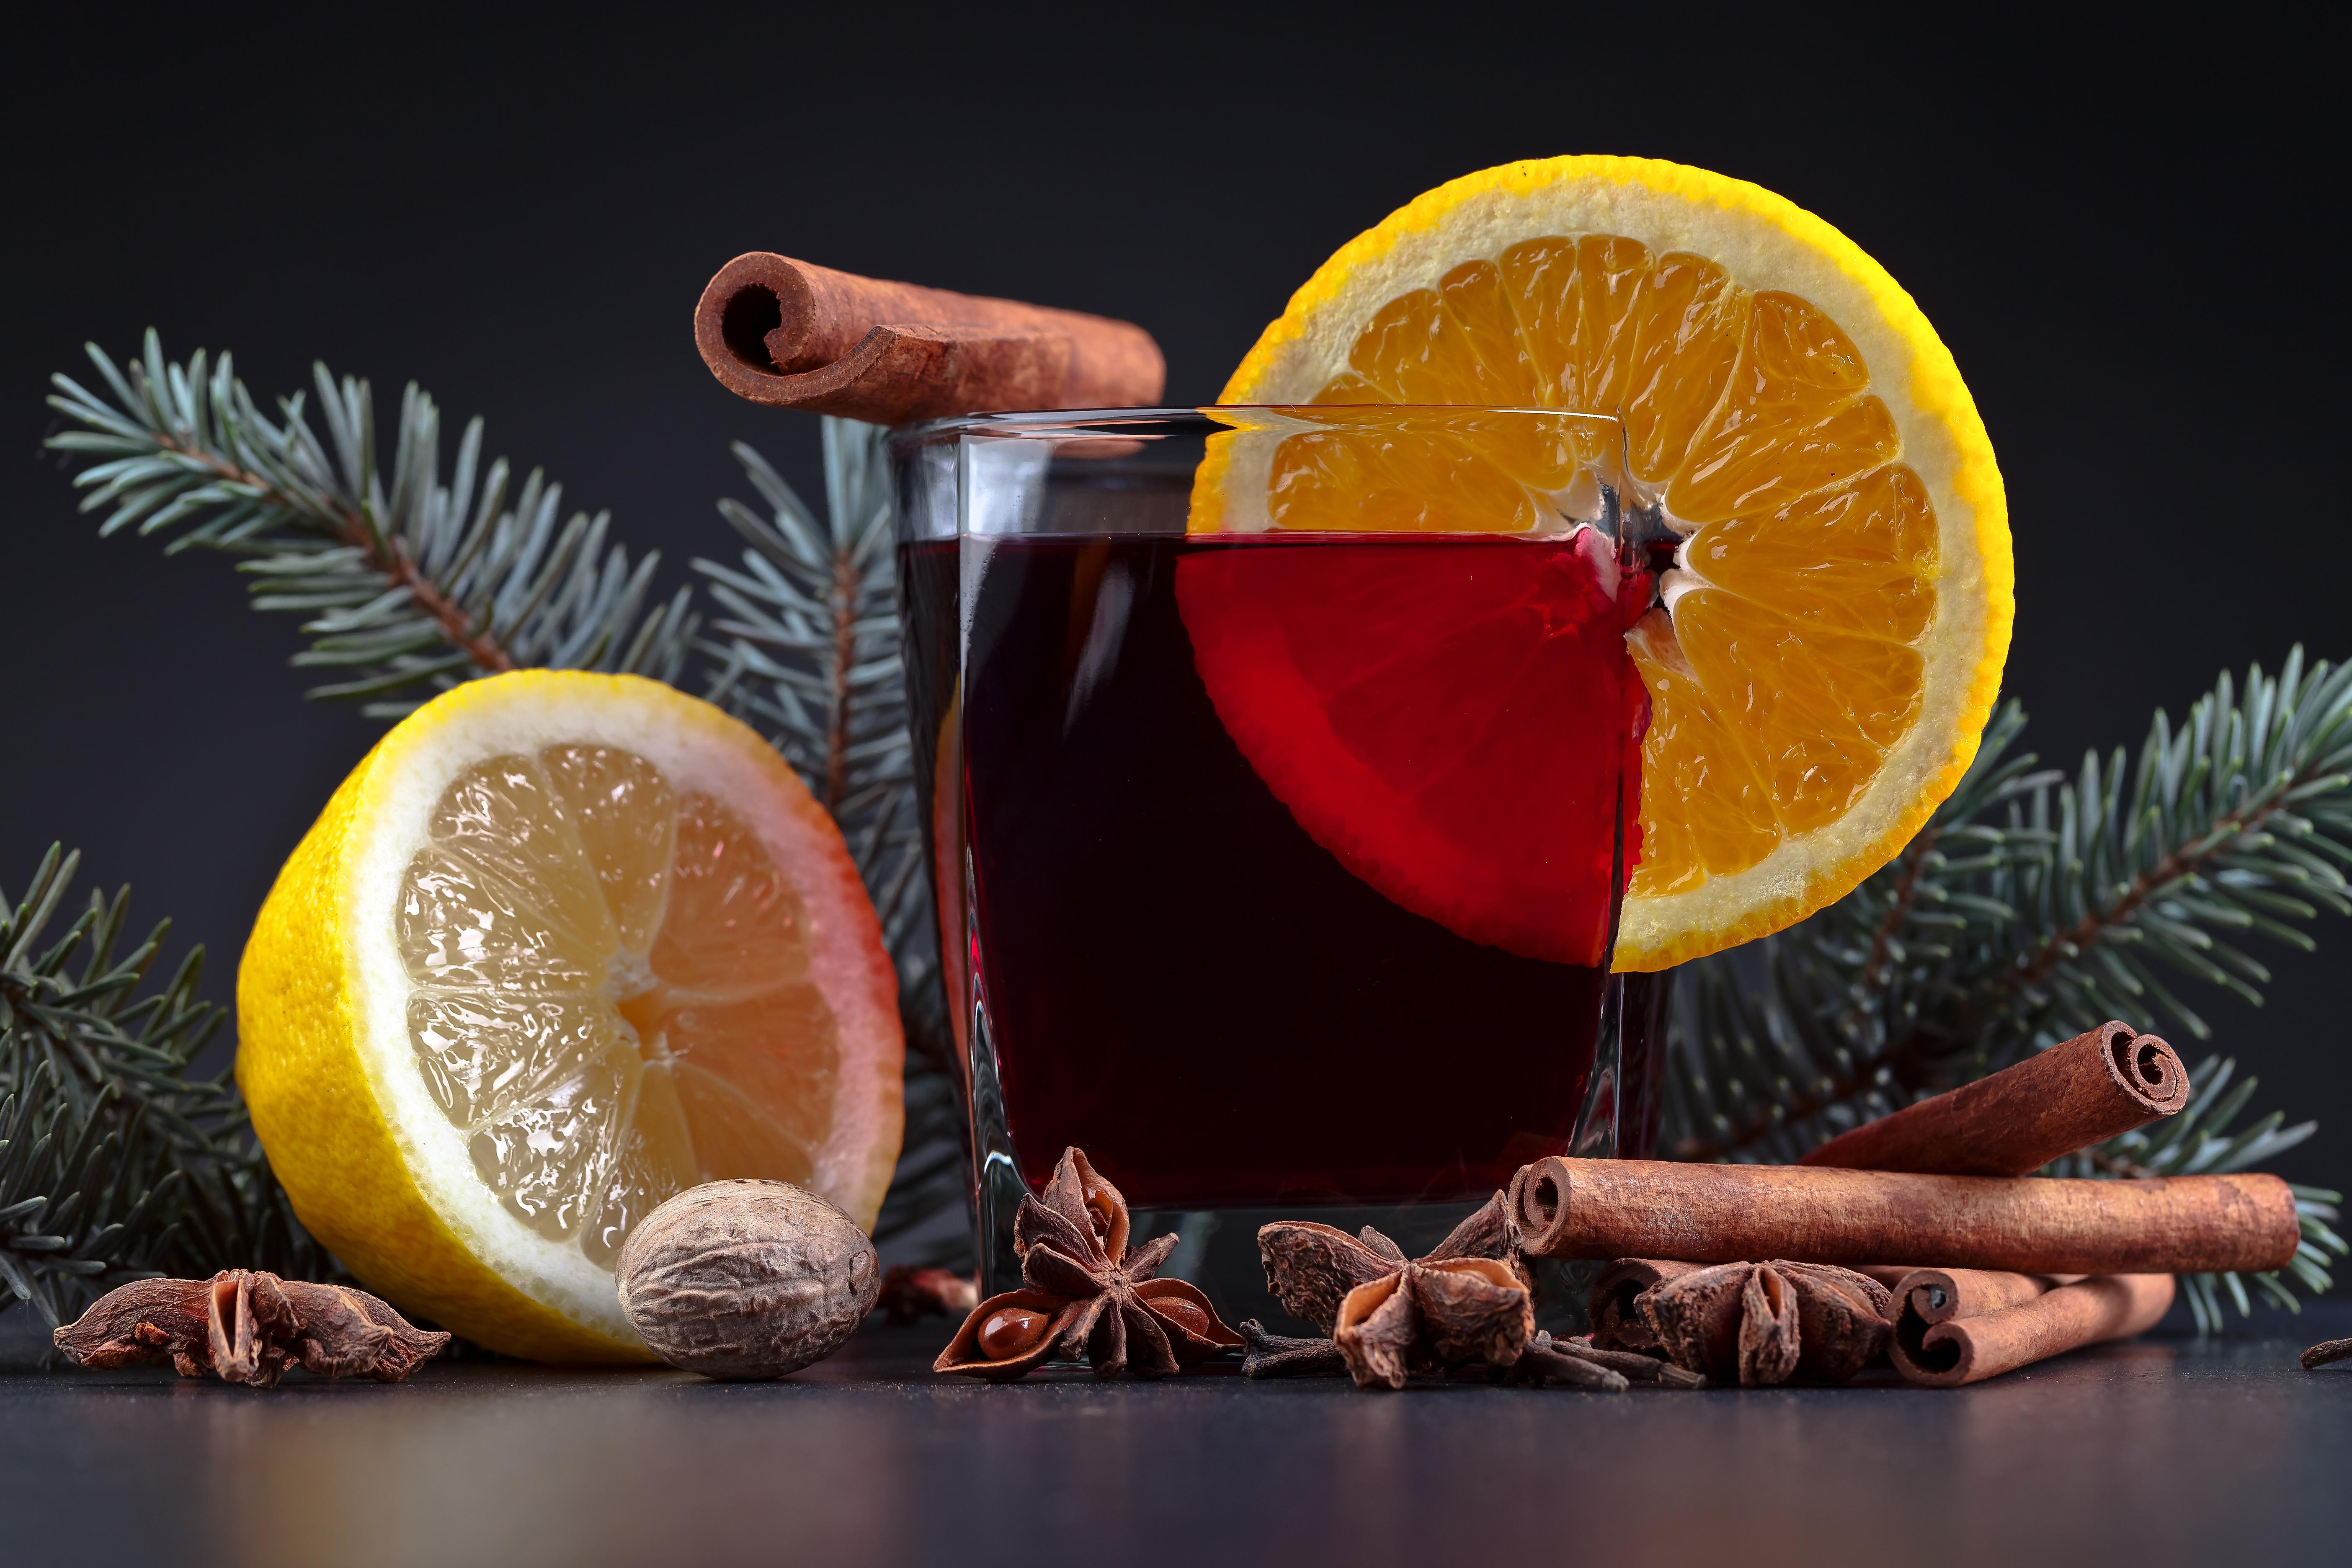 Фотография Новый год Лимоны Корица стакане Еда Напитки 5616x3744 Рождество Стакан стакана Пища Продукты питания напиток